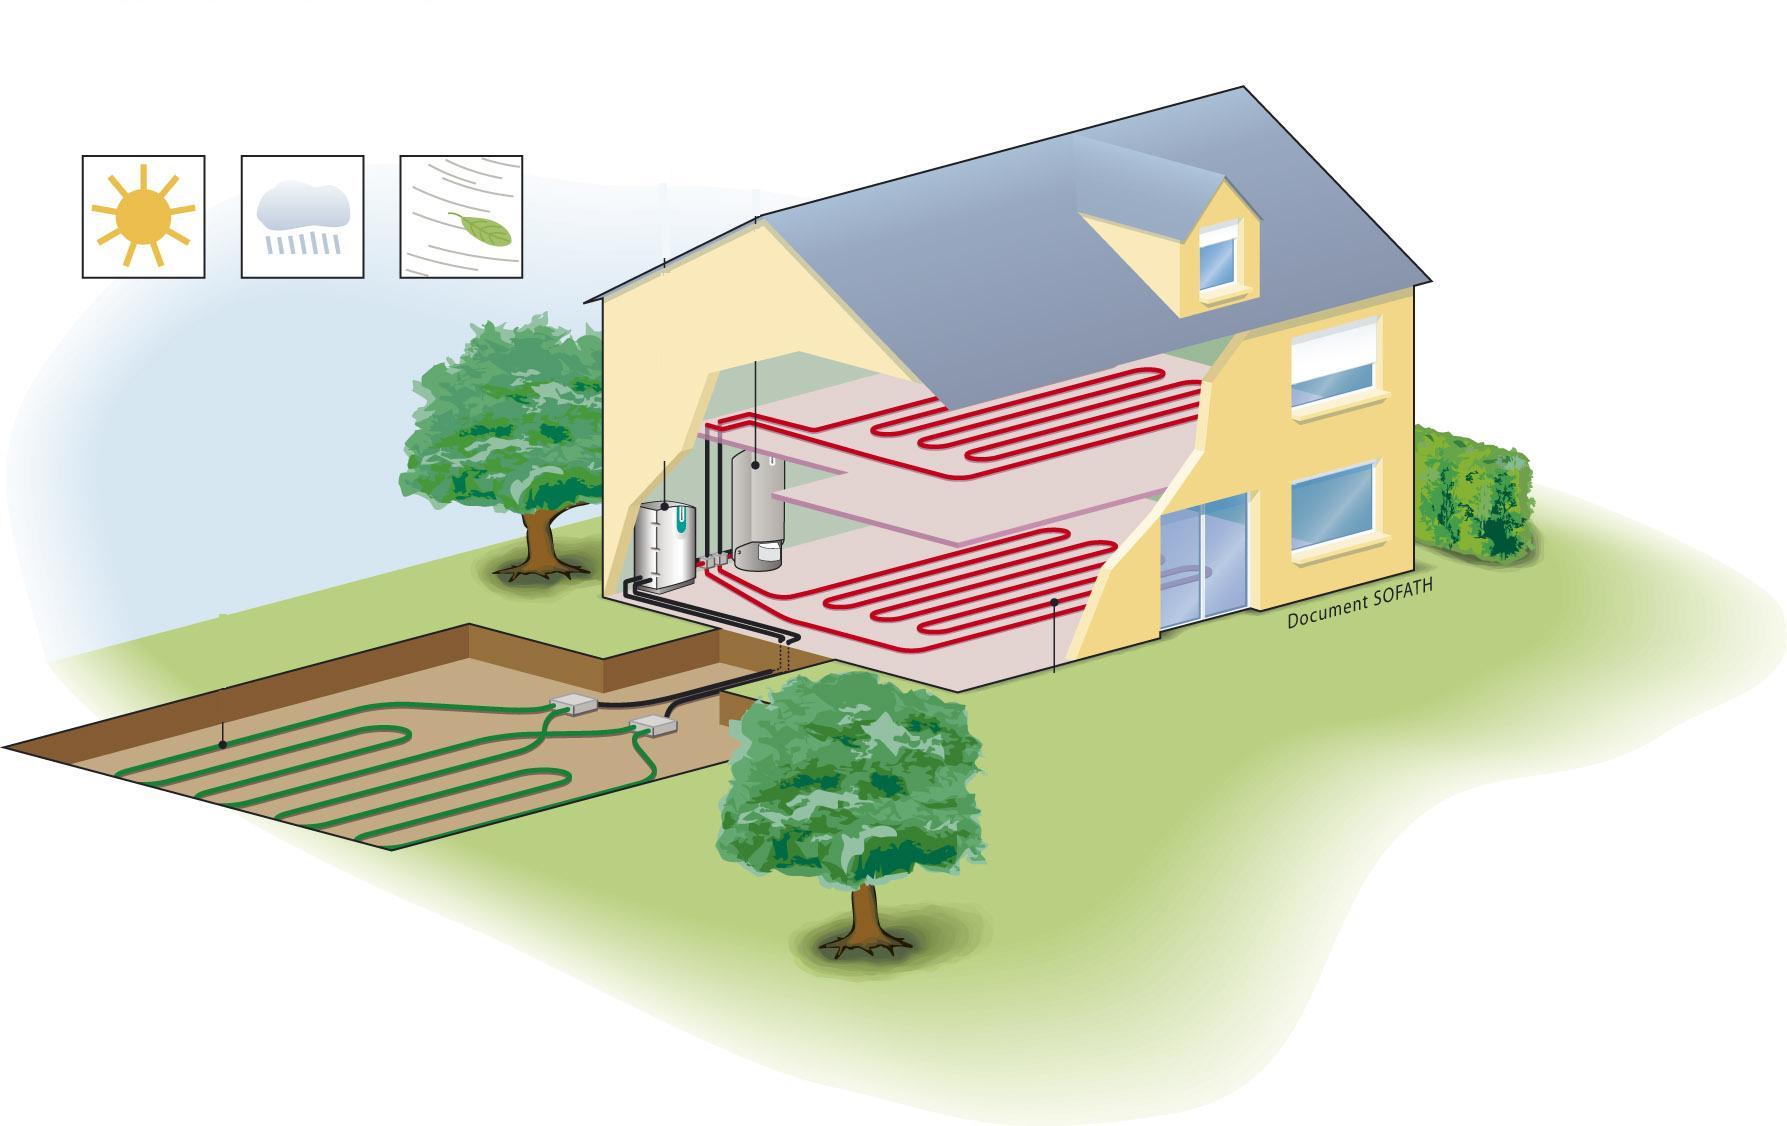 Sofath pompa di calore geotermica - Impianto acqua casa ...